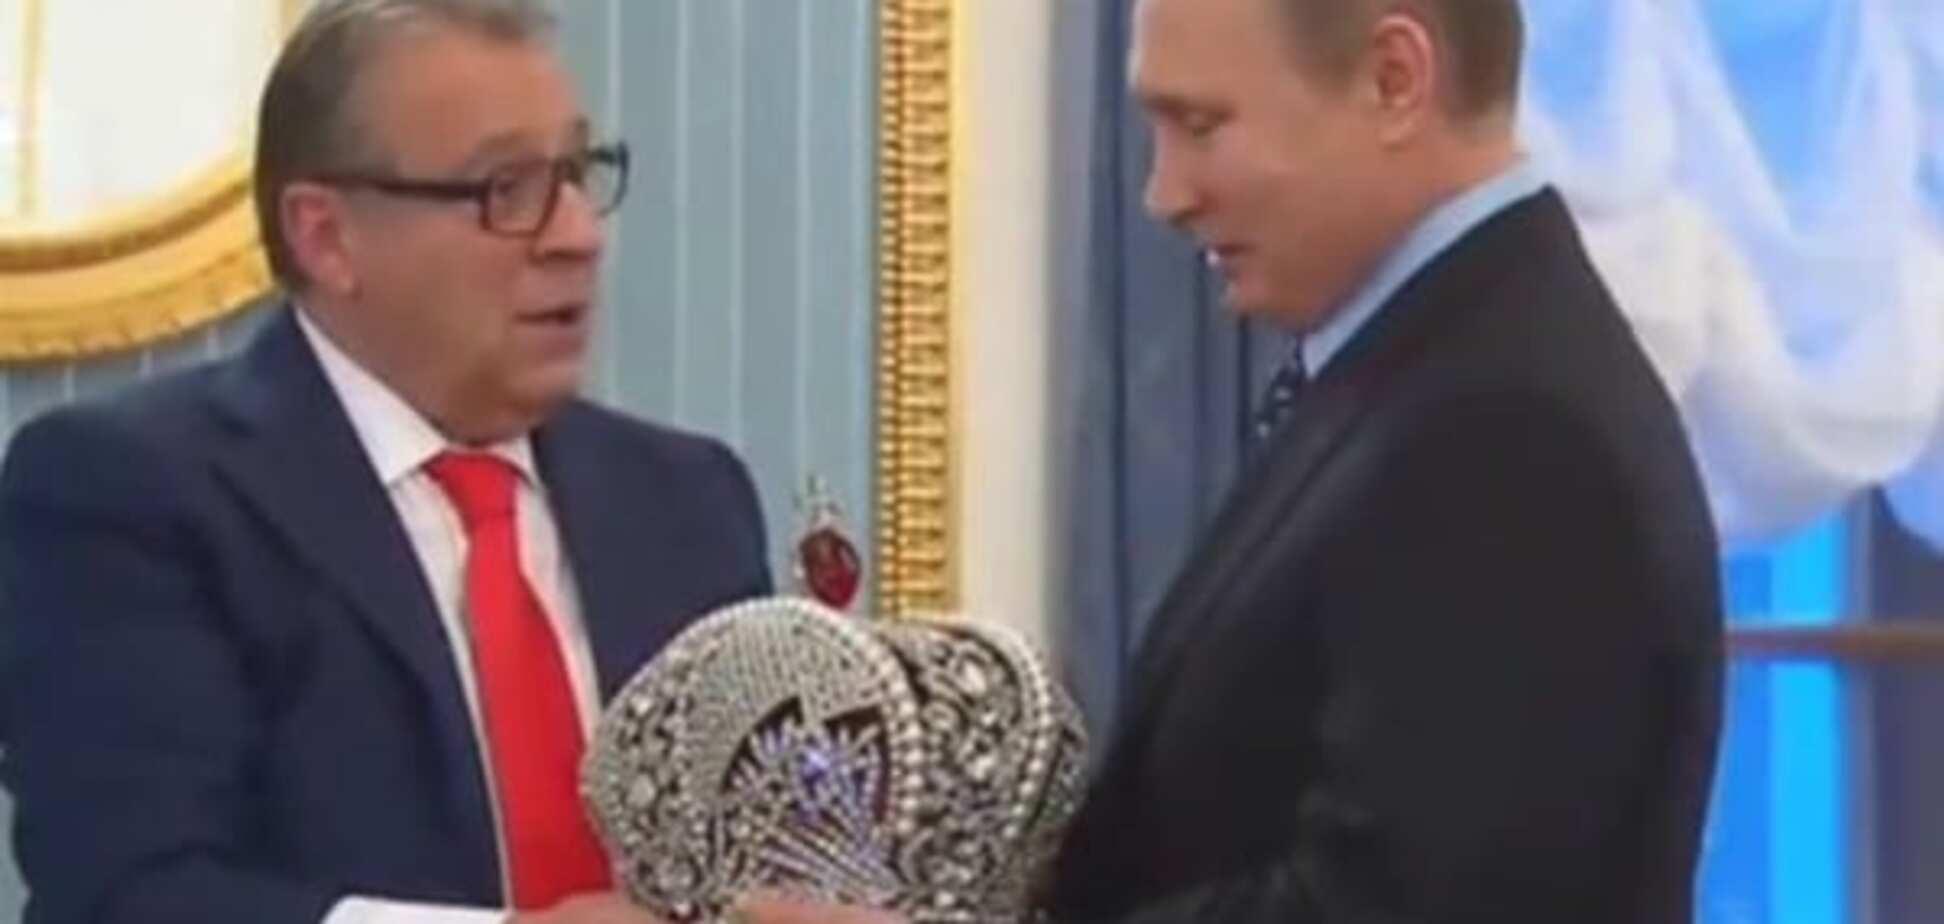 Дуже приємно, цар: Путіна спробували коронувати